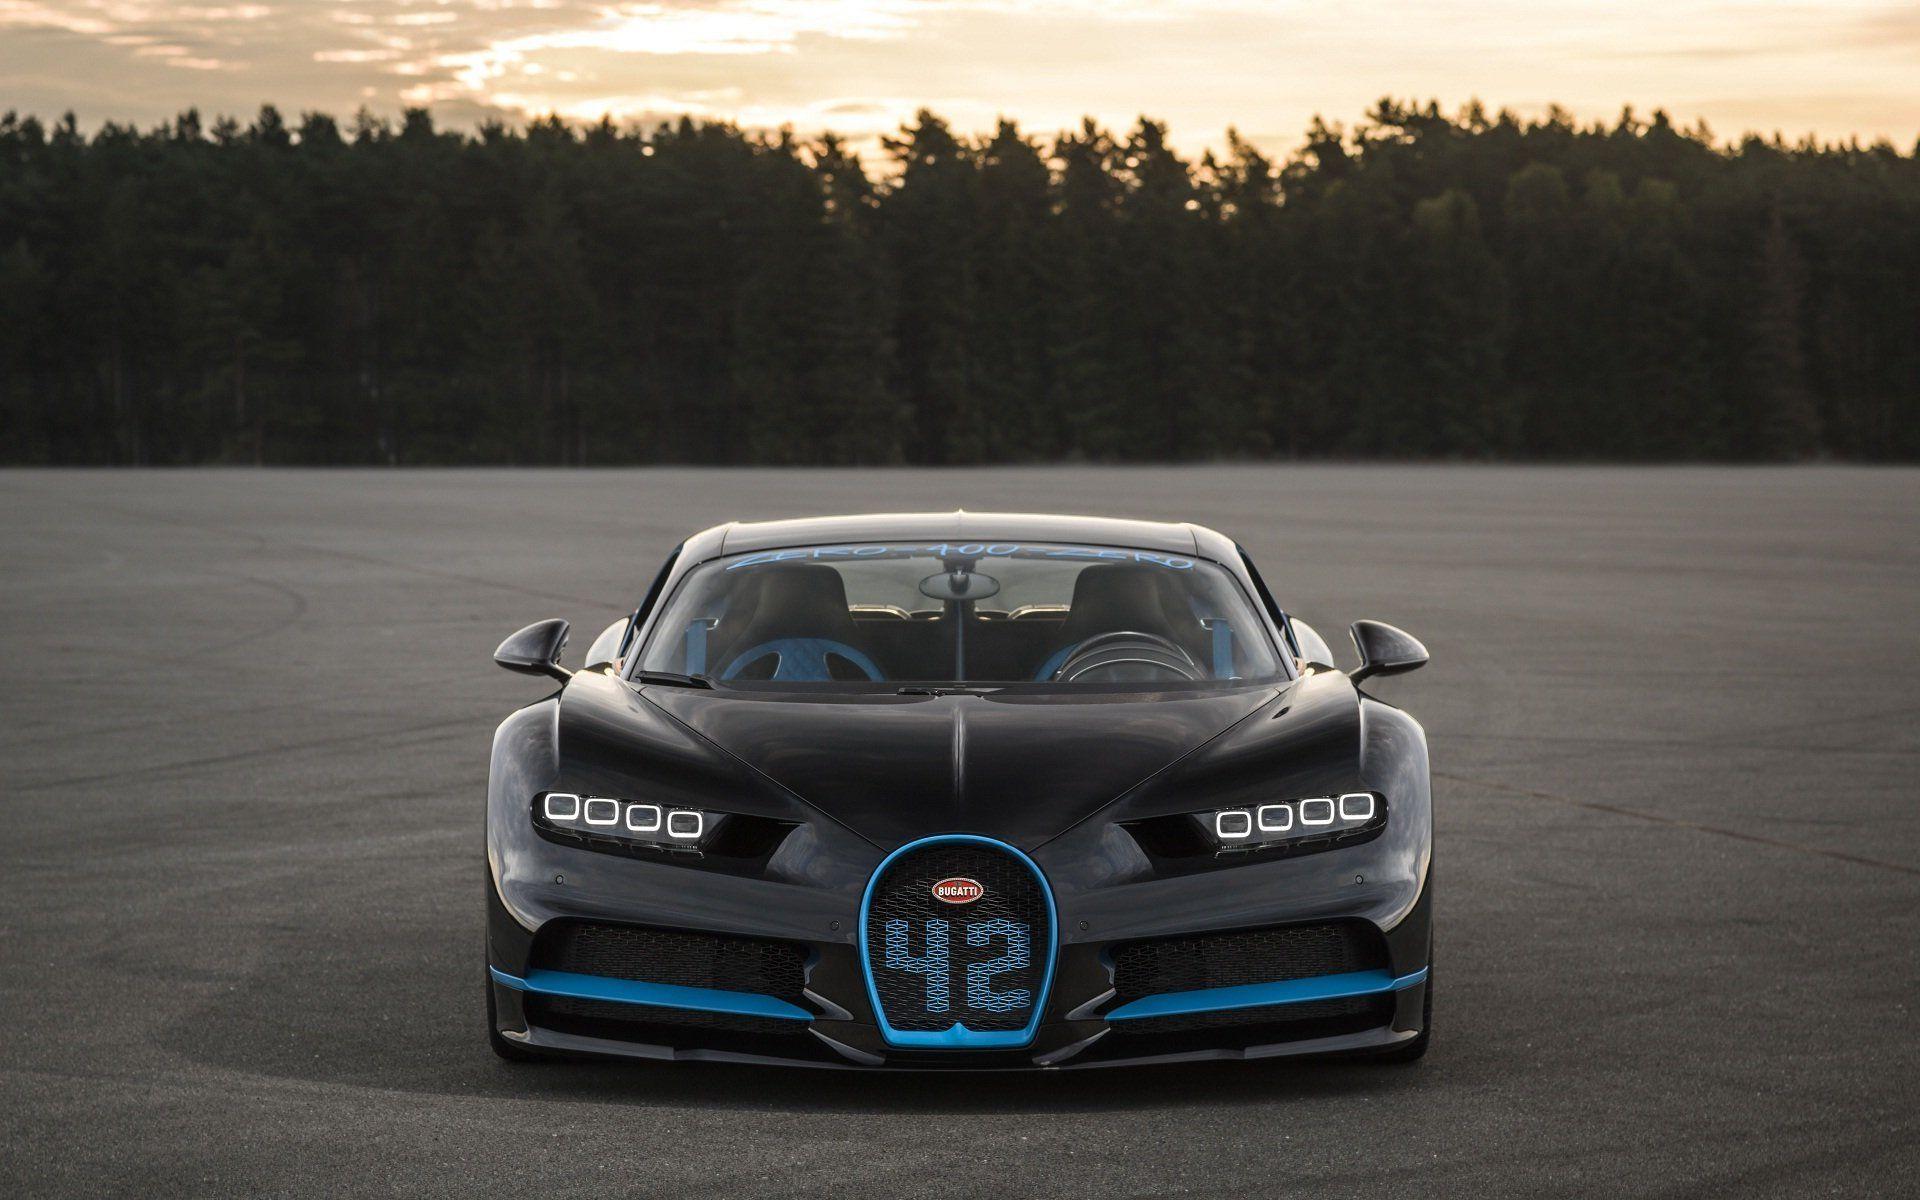 Bugatti Chiron Black Luxurious Car Latest Model Wallpaper Bugatti Chiron Black Luxurious Car Latest Model Wallpaper Bugatti Chiron Black Bugatti Chiron Bugatti